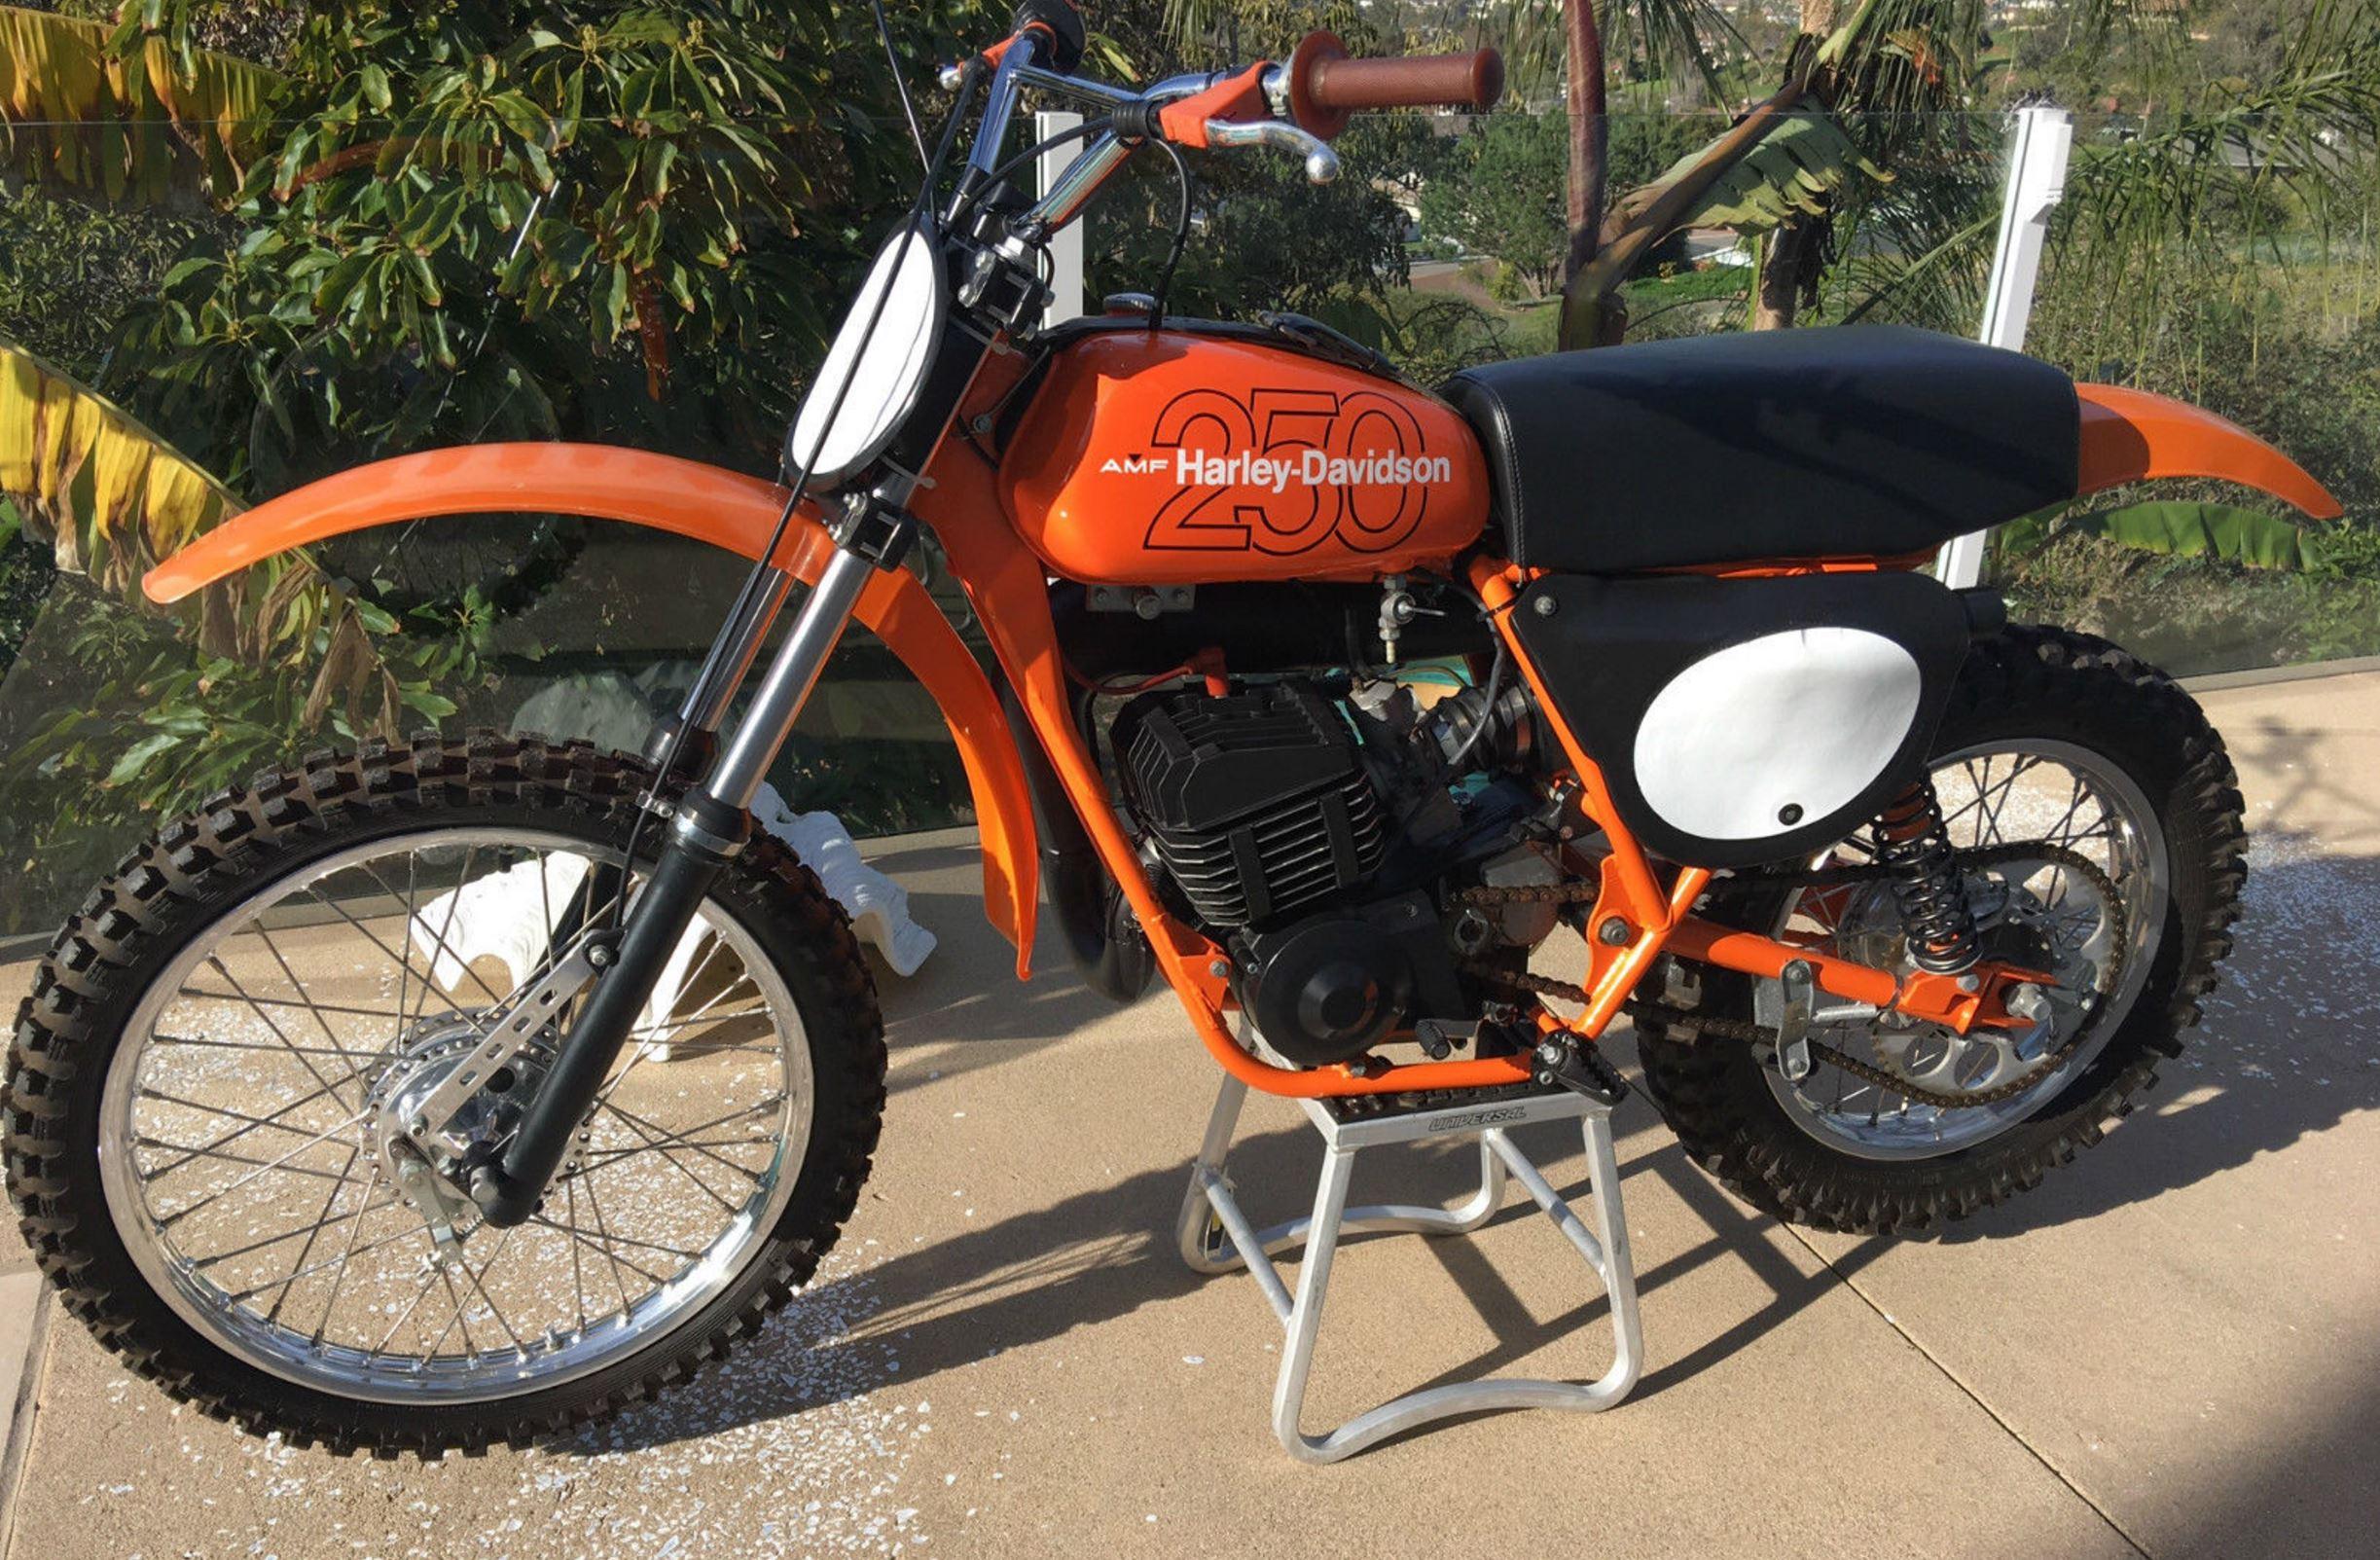 1978 Harley Davidson MX 250 | Bike urious